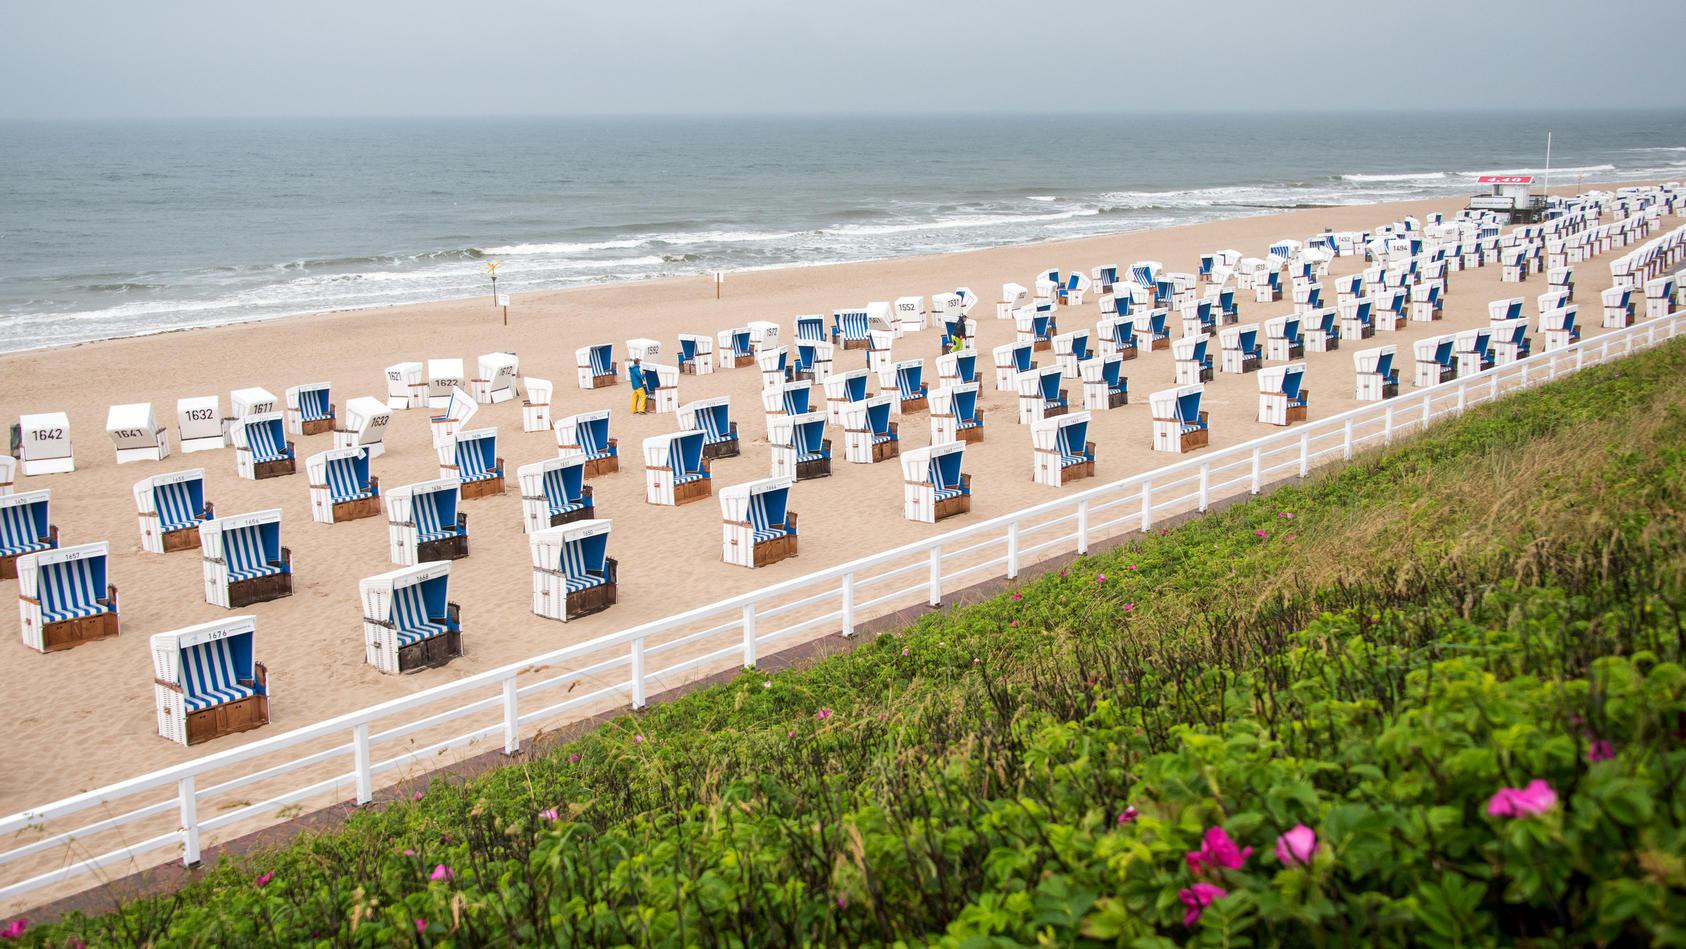 Viele Strandkörbe für viele Touristen auf Sylt.